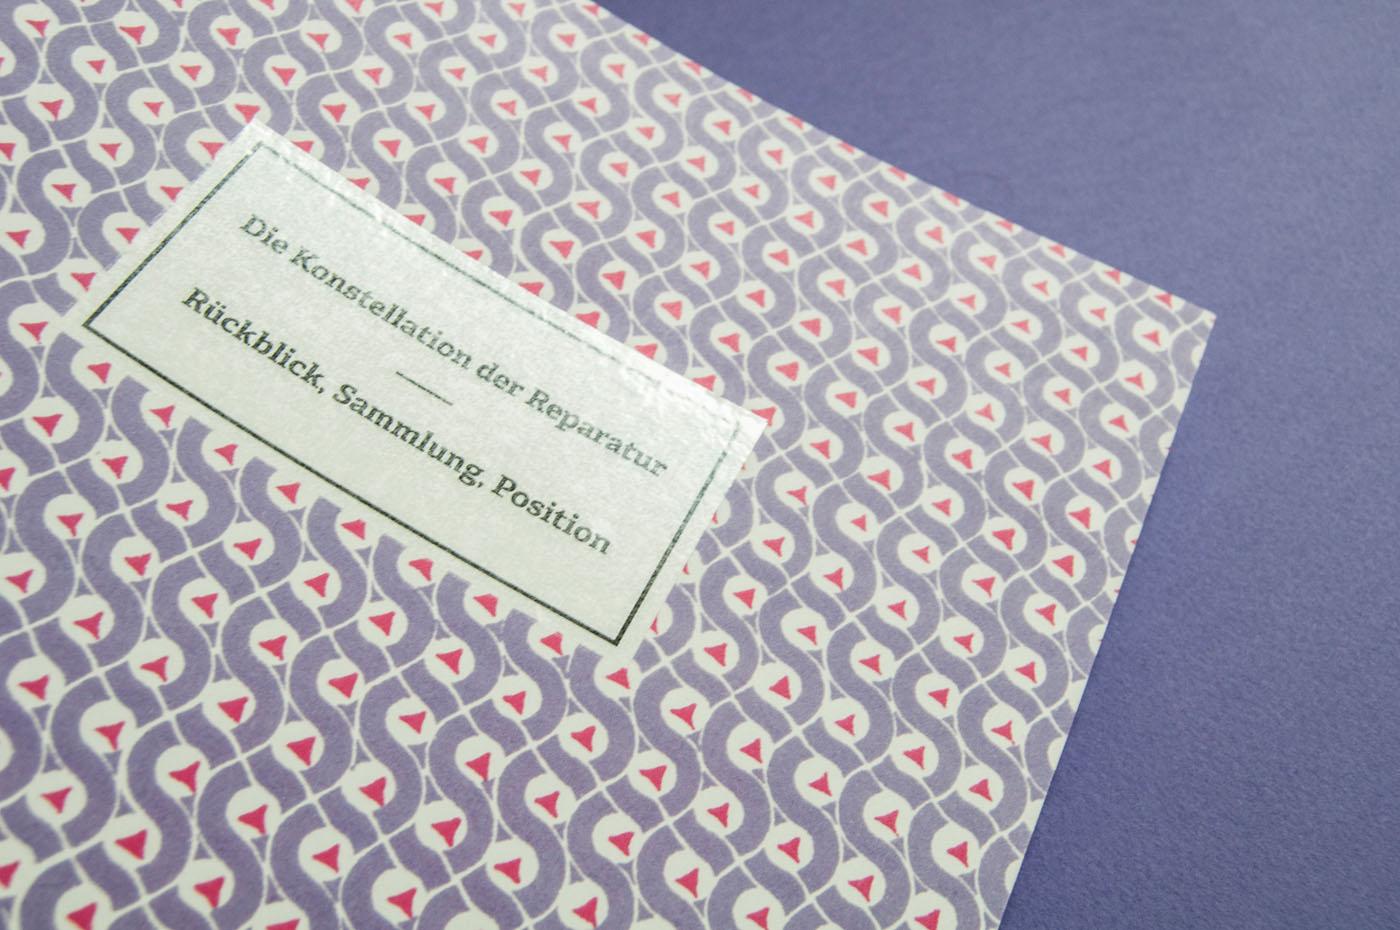 Die Konstellation der Reparatur – Rückblick, Sammlung, Position